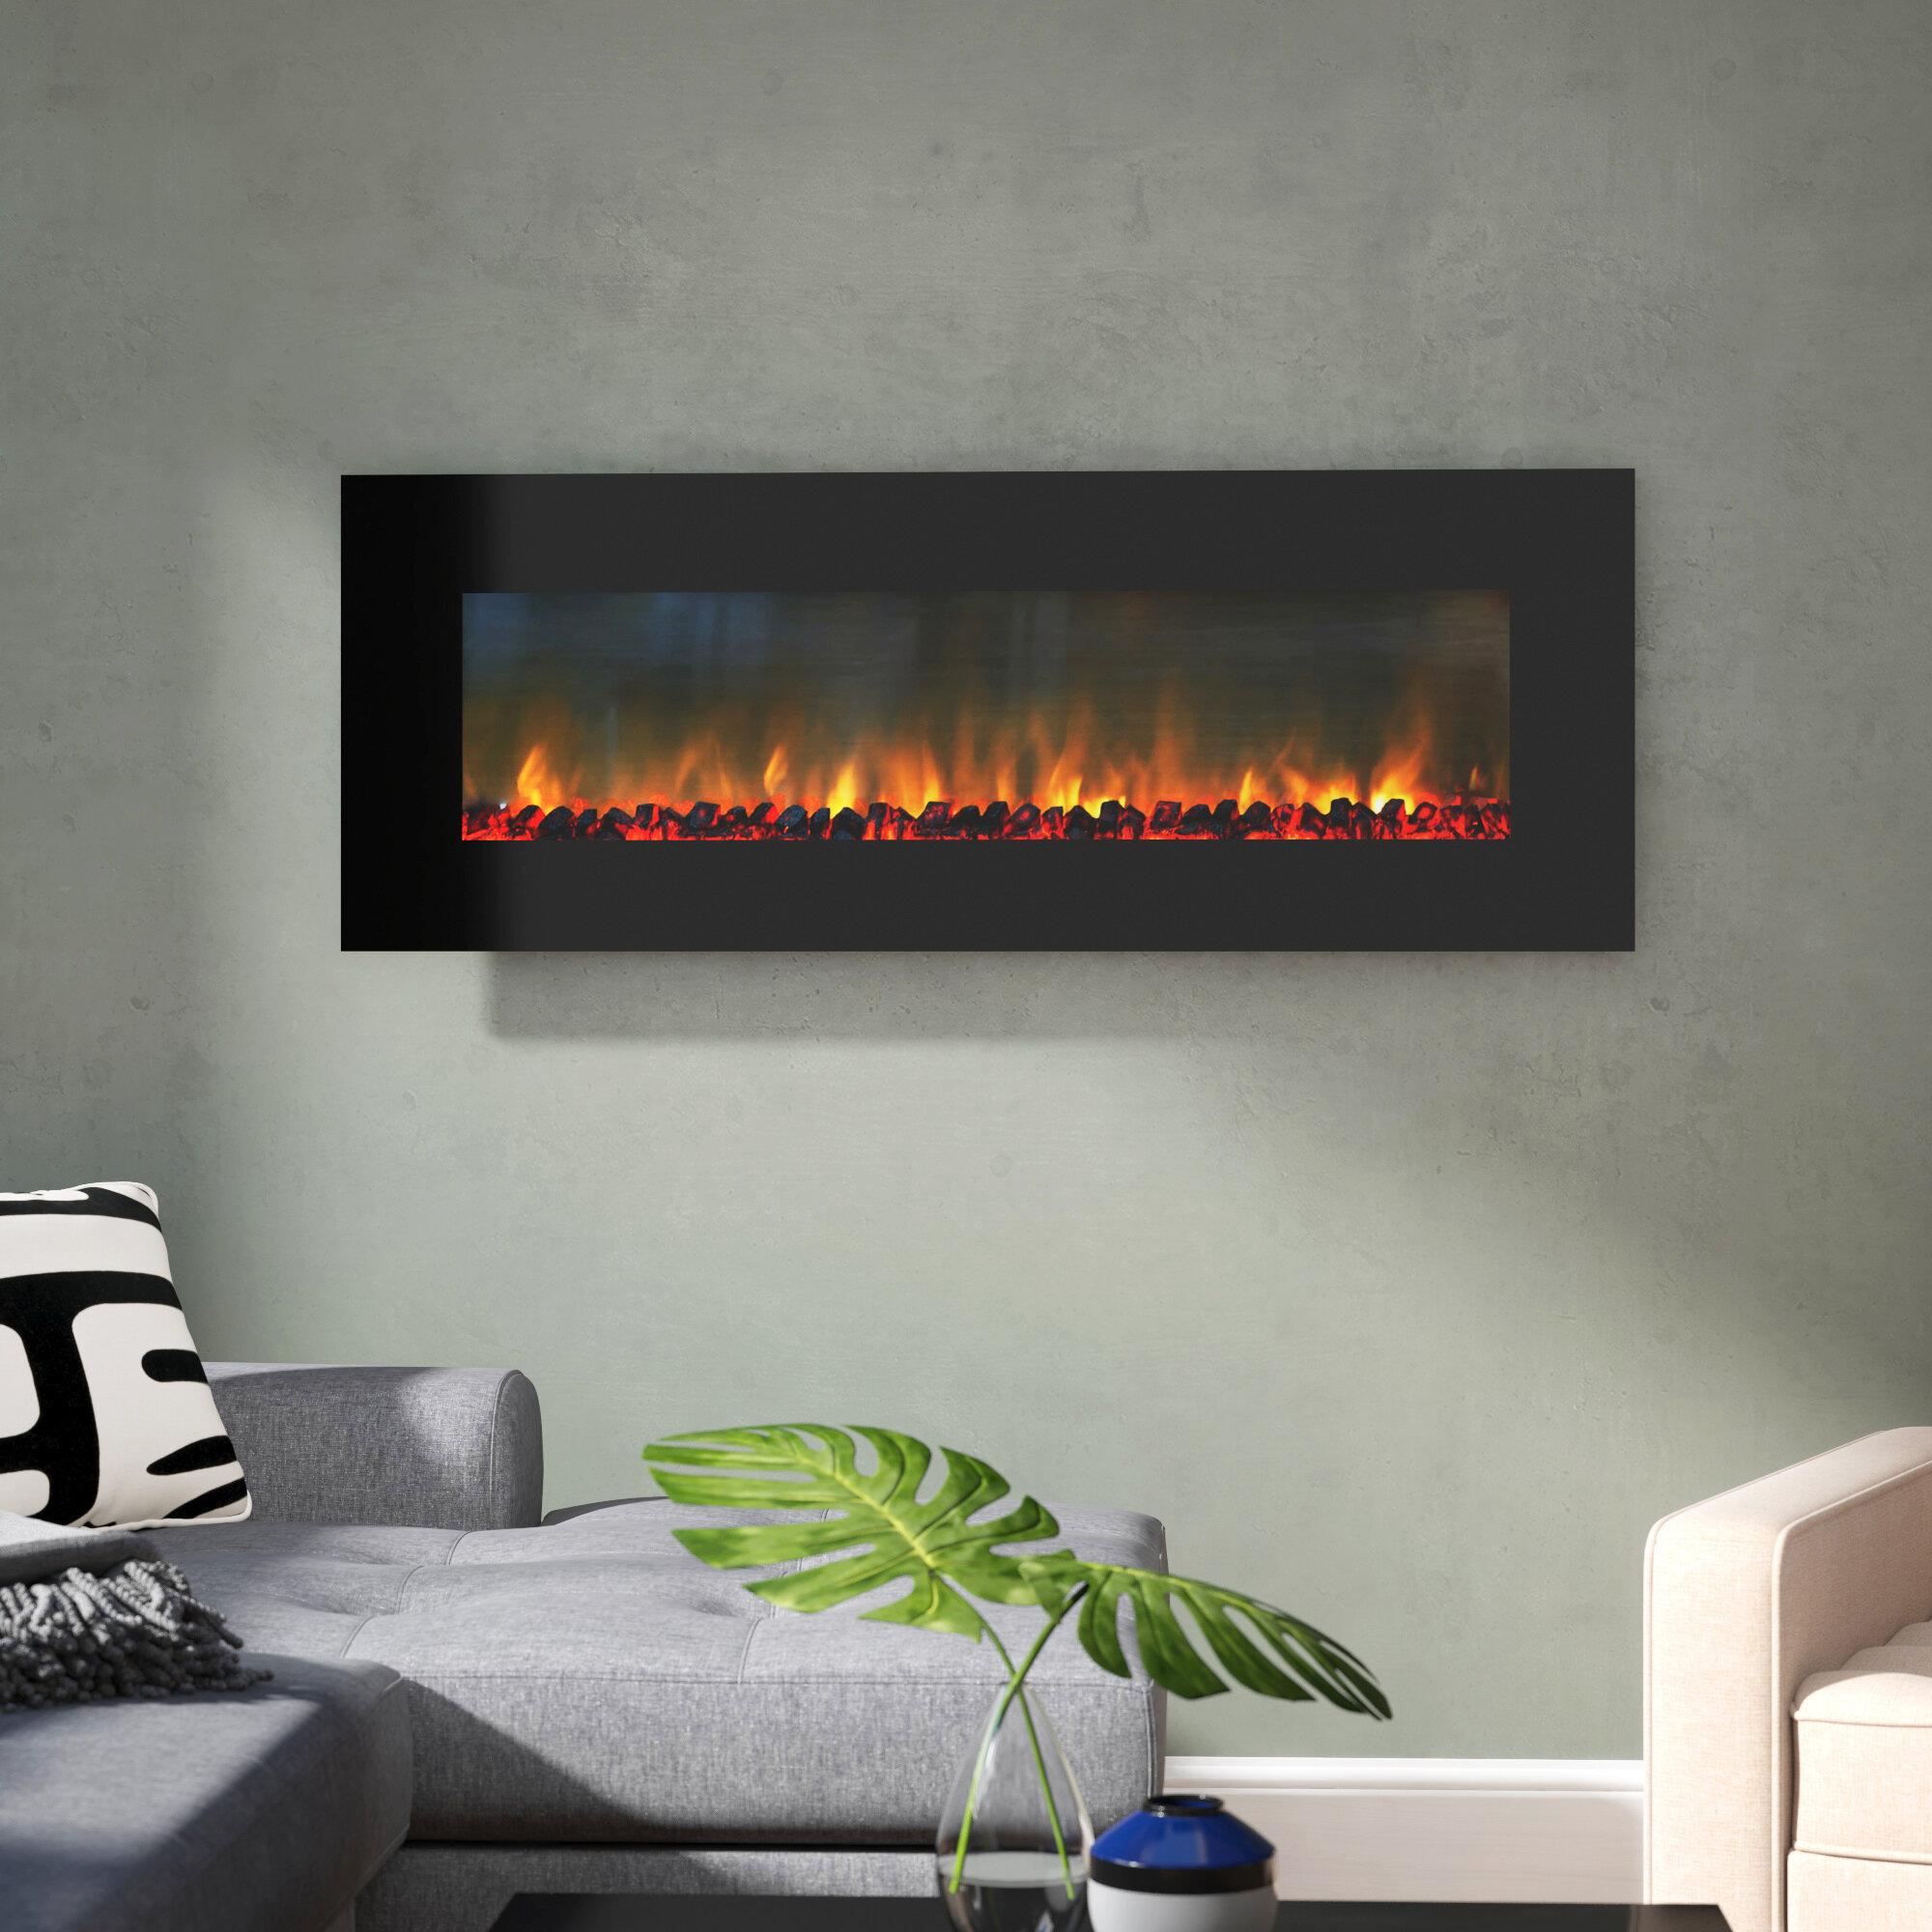 Orren Ellis Quevedo Wall Mounted Electric Fireplace Reviews Wayfair